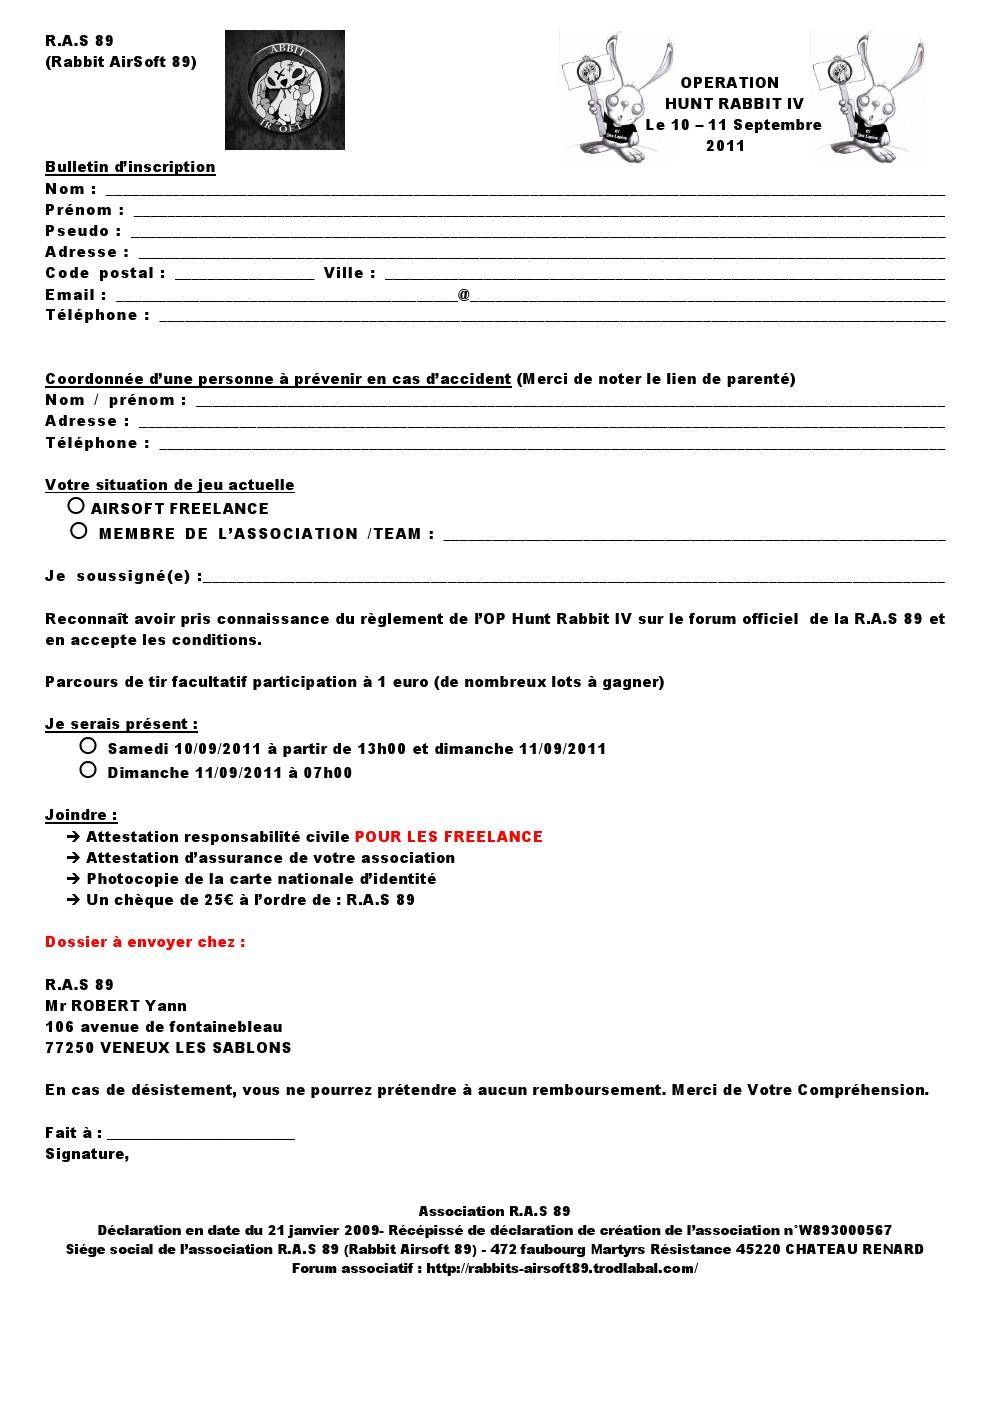 inscription Participant (s) (es) 000111